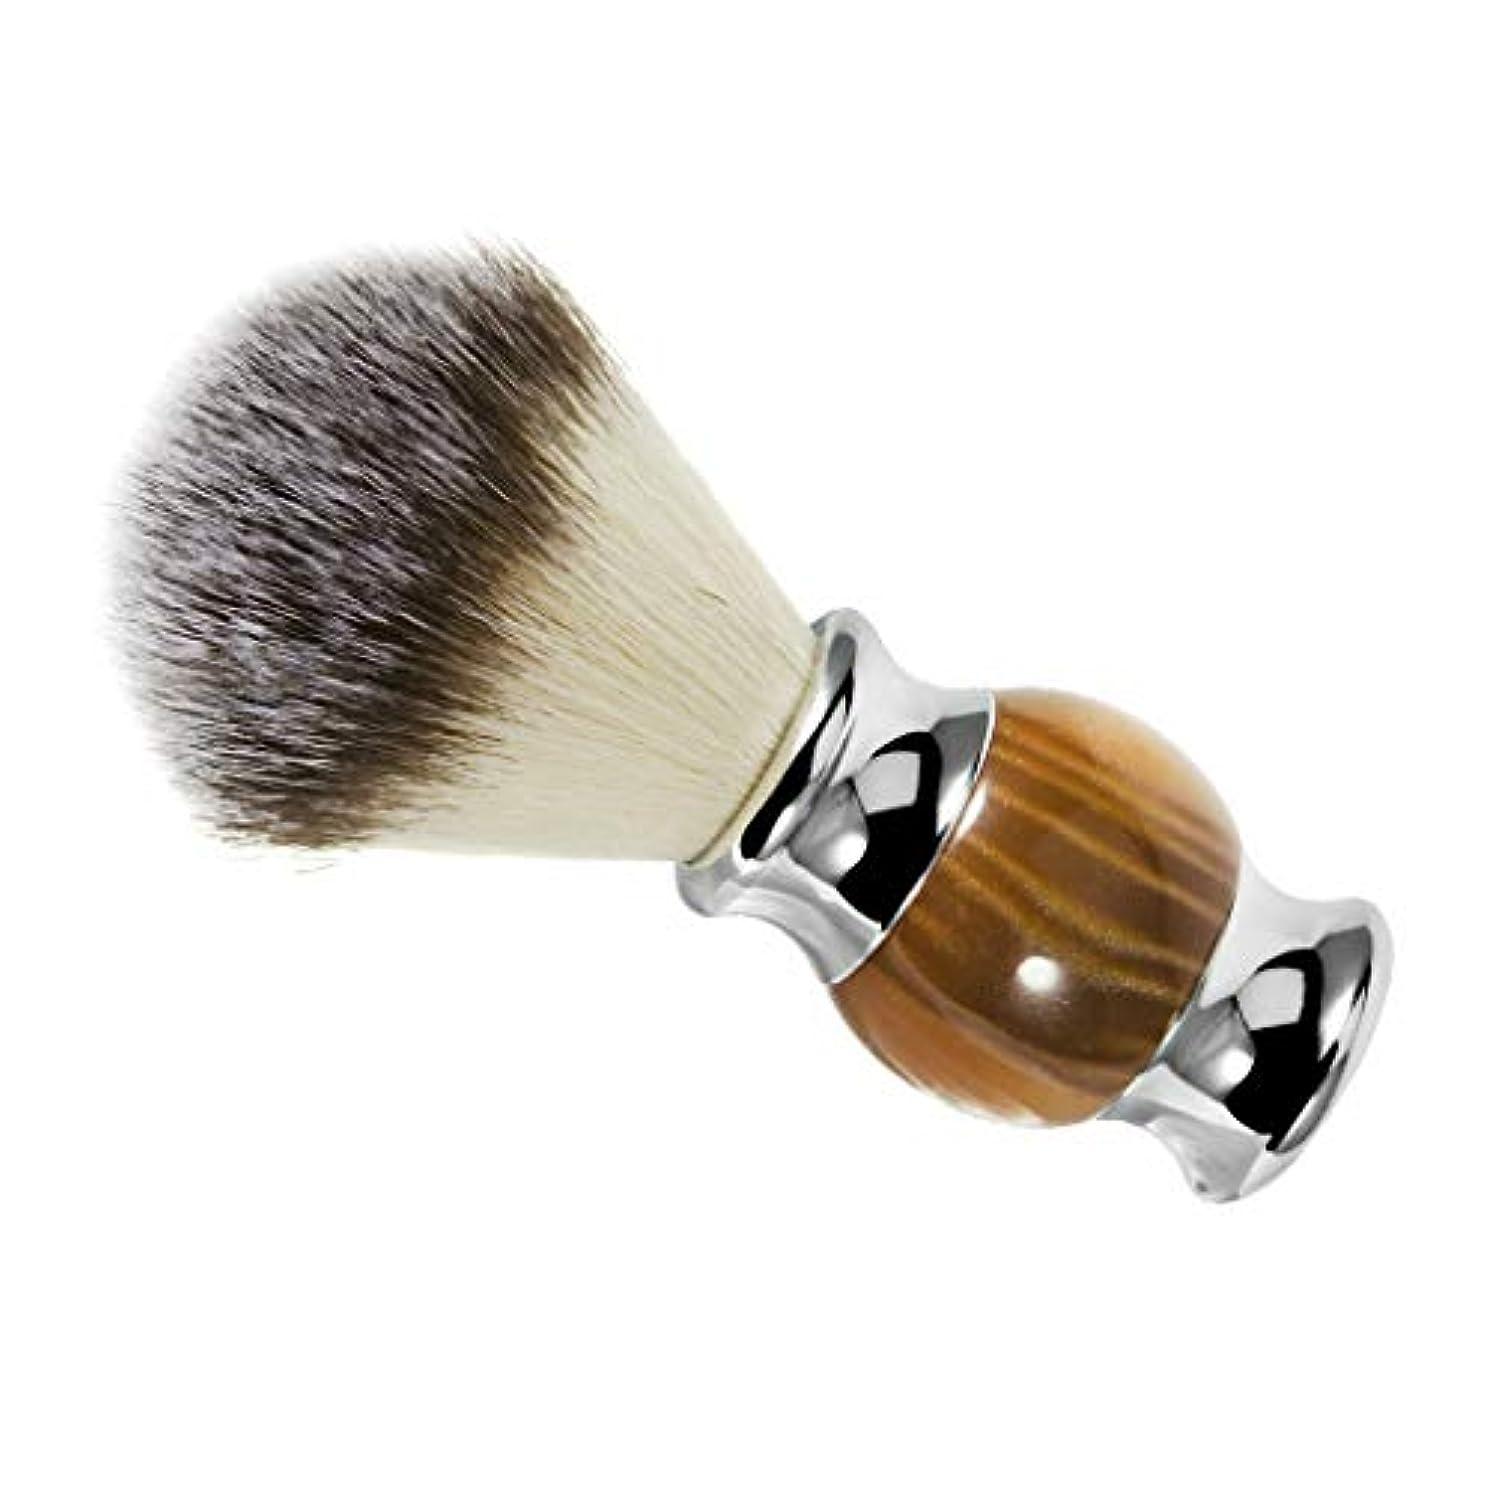 水っぽい後継契約したdailymall シェービングブラシ メンズ 口ひげブラシ ひげ剃りブラシ バーバーサロン 家庭用